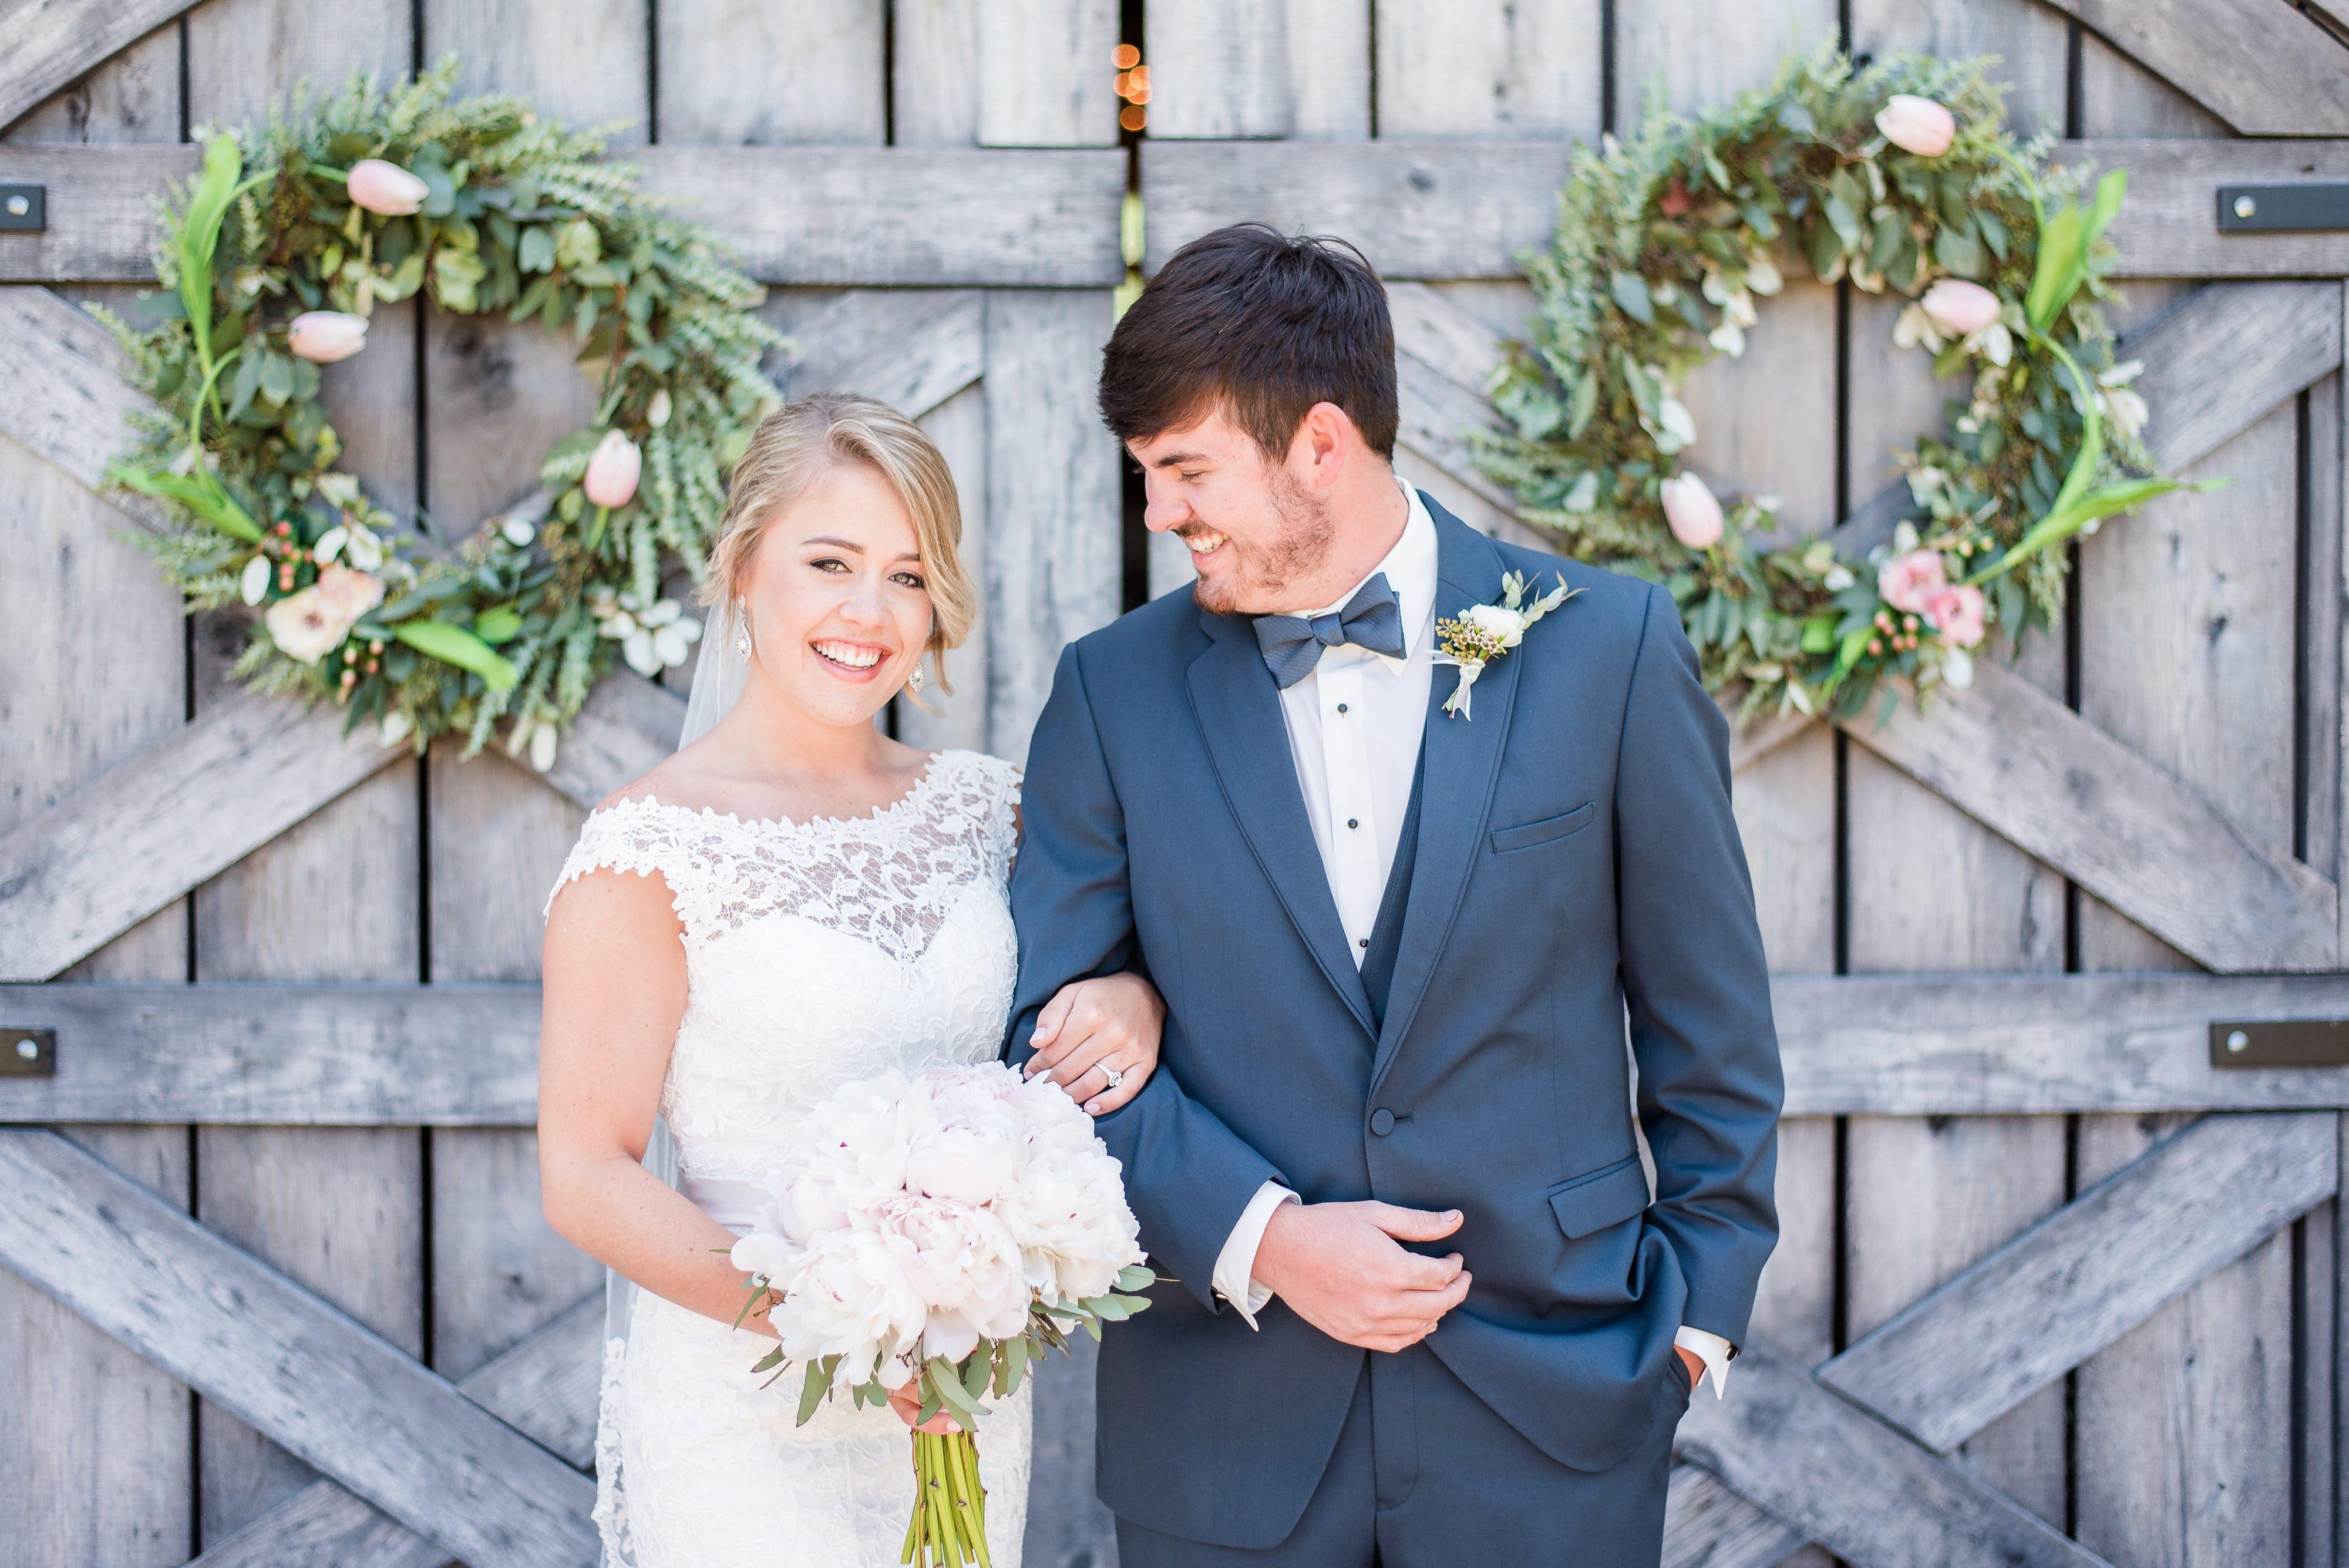 Elegant Southern Wedding - Rustic Wedding Chic